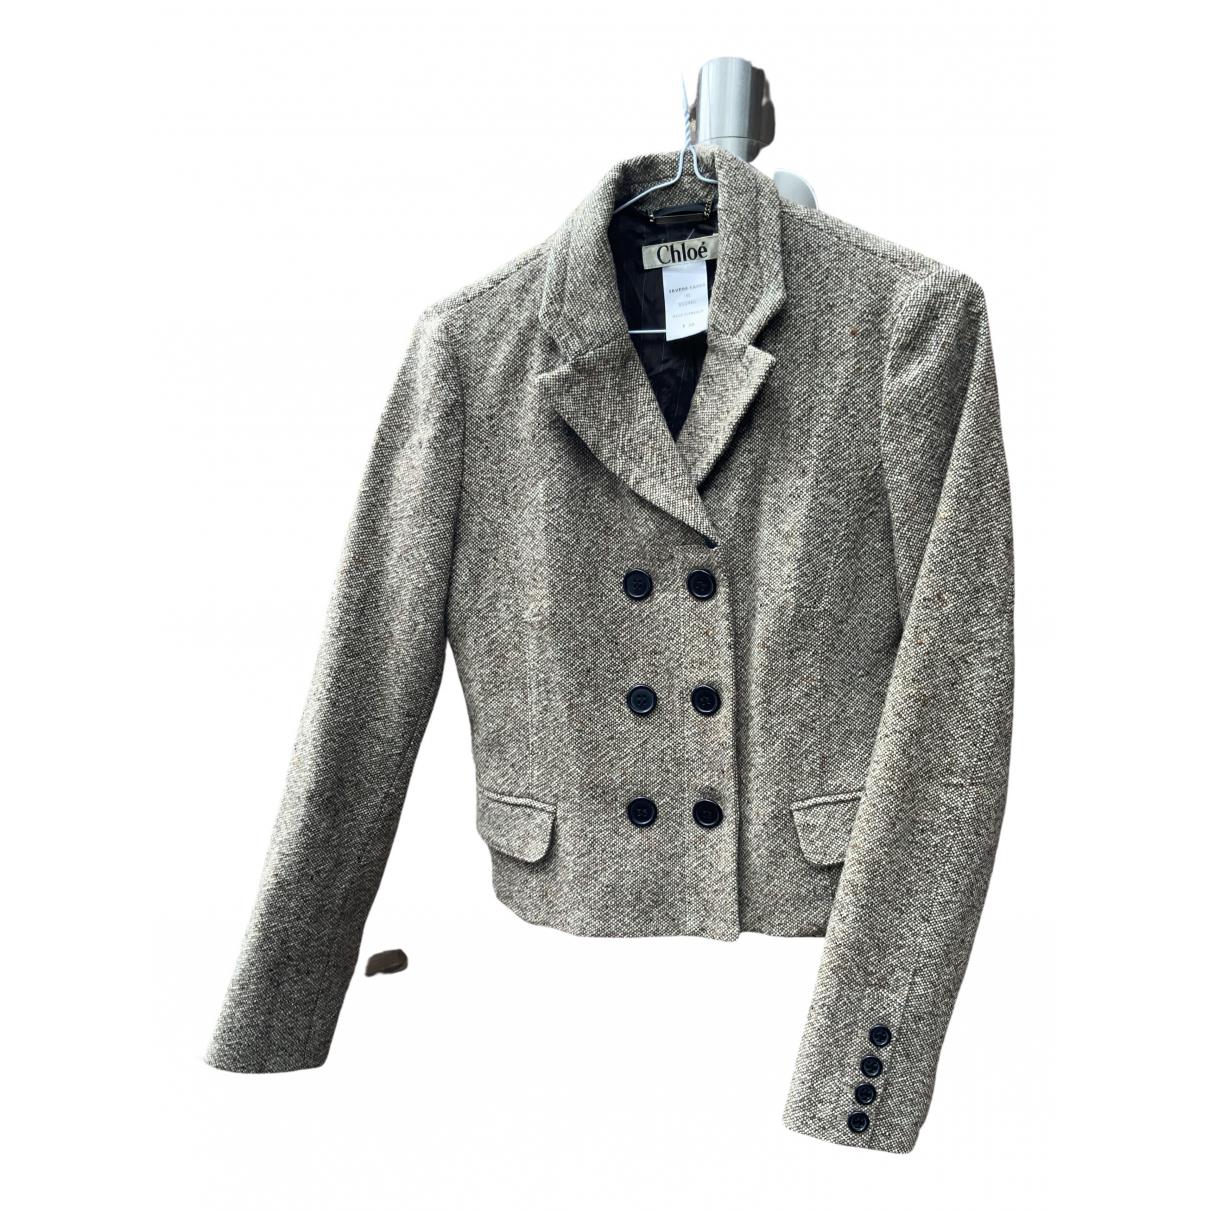 Chloé \N Beige Wool jacket for Women 36 FR